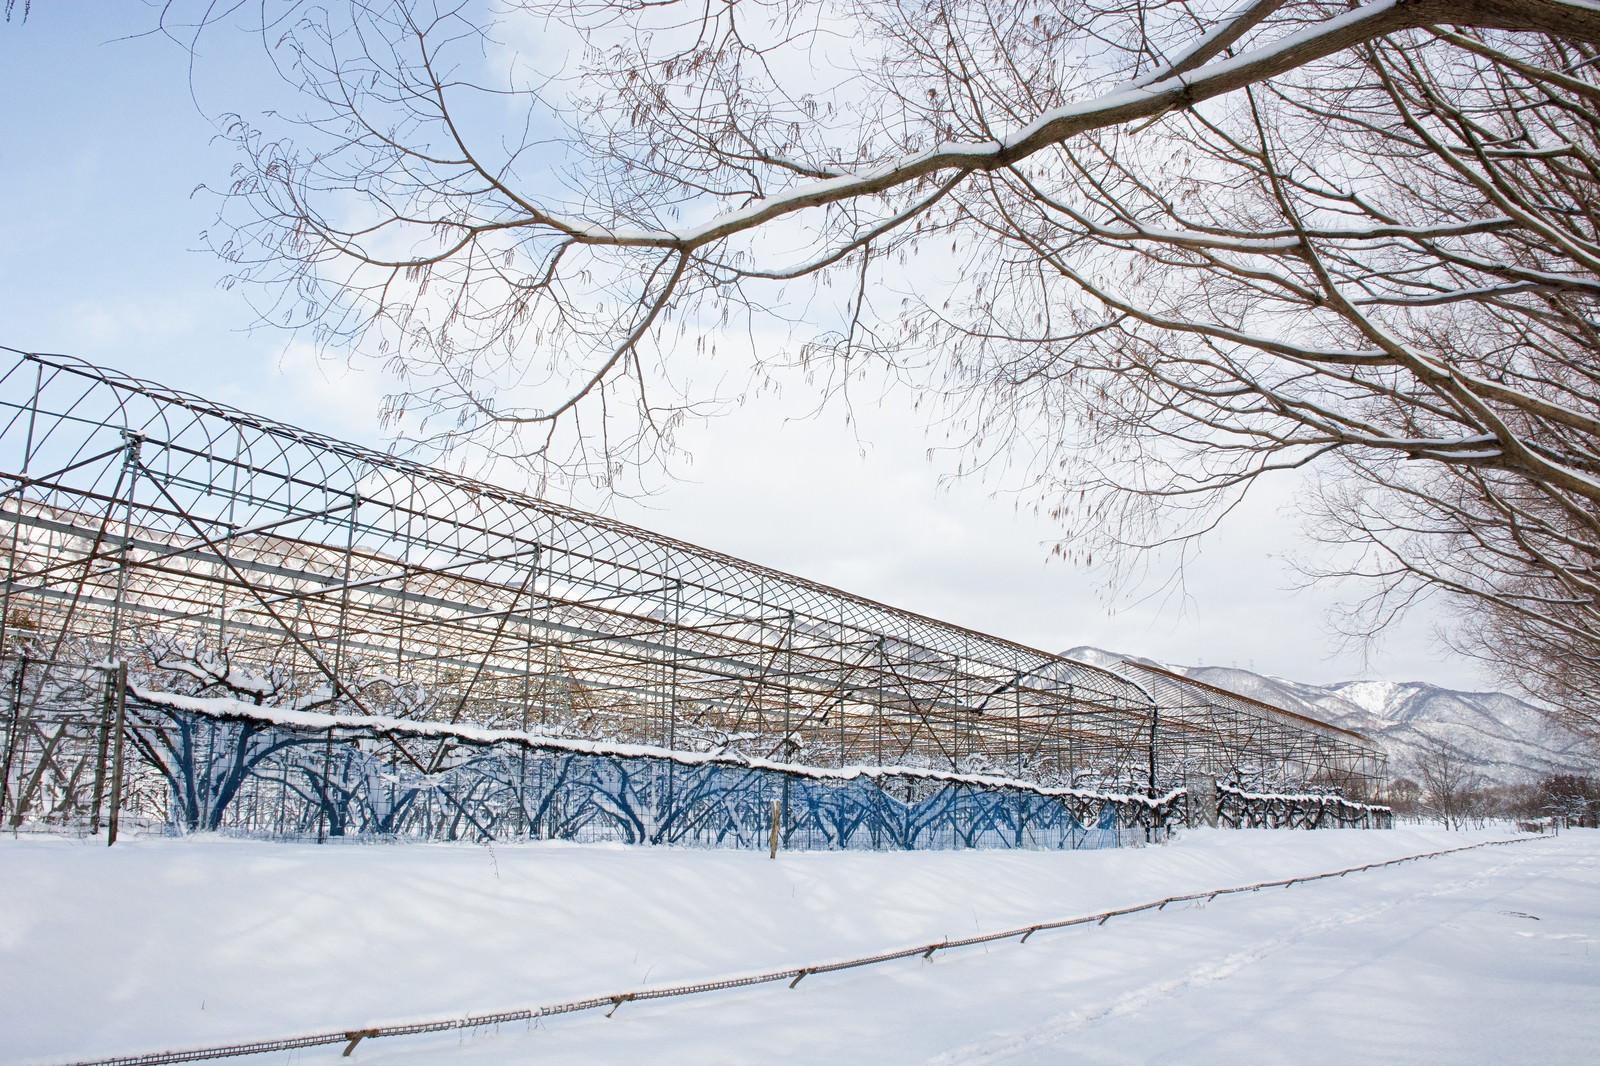 「メタセコイア並木沿いの積雪のパイプハウス(マキノ高原)」の写真